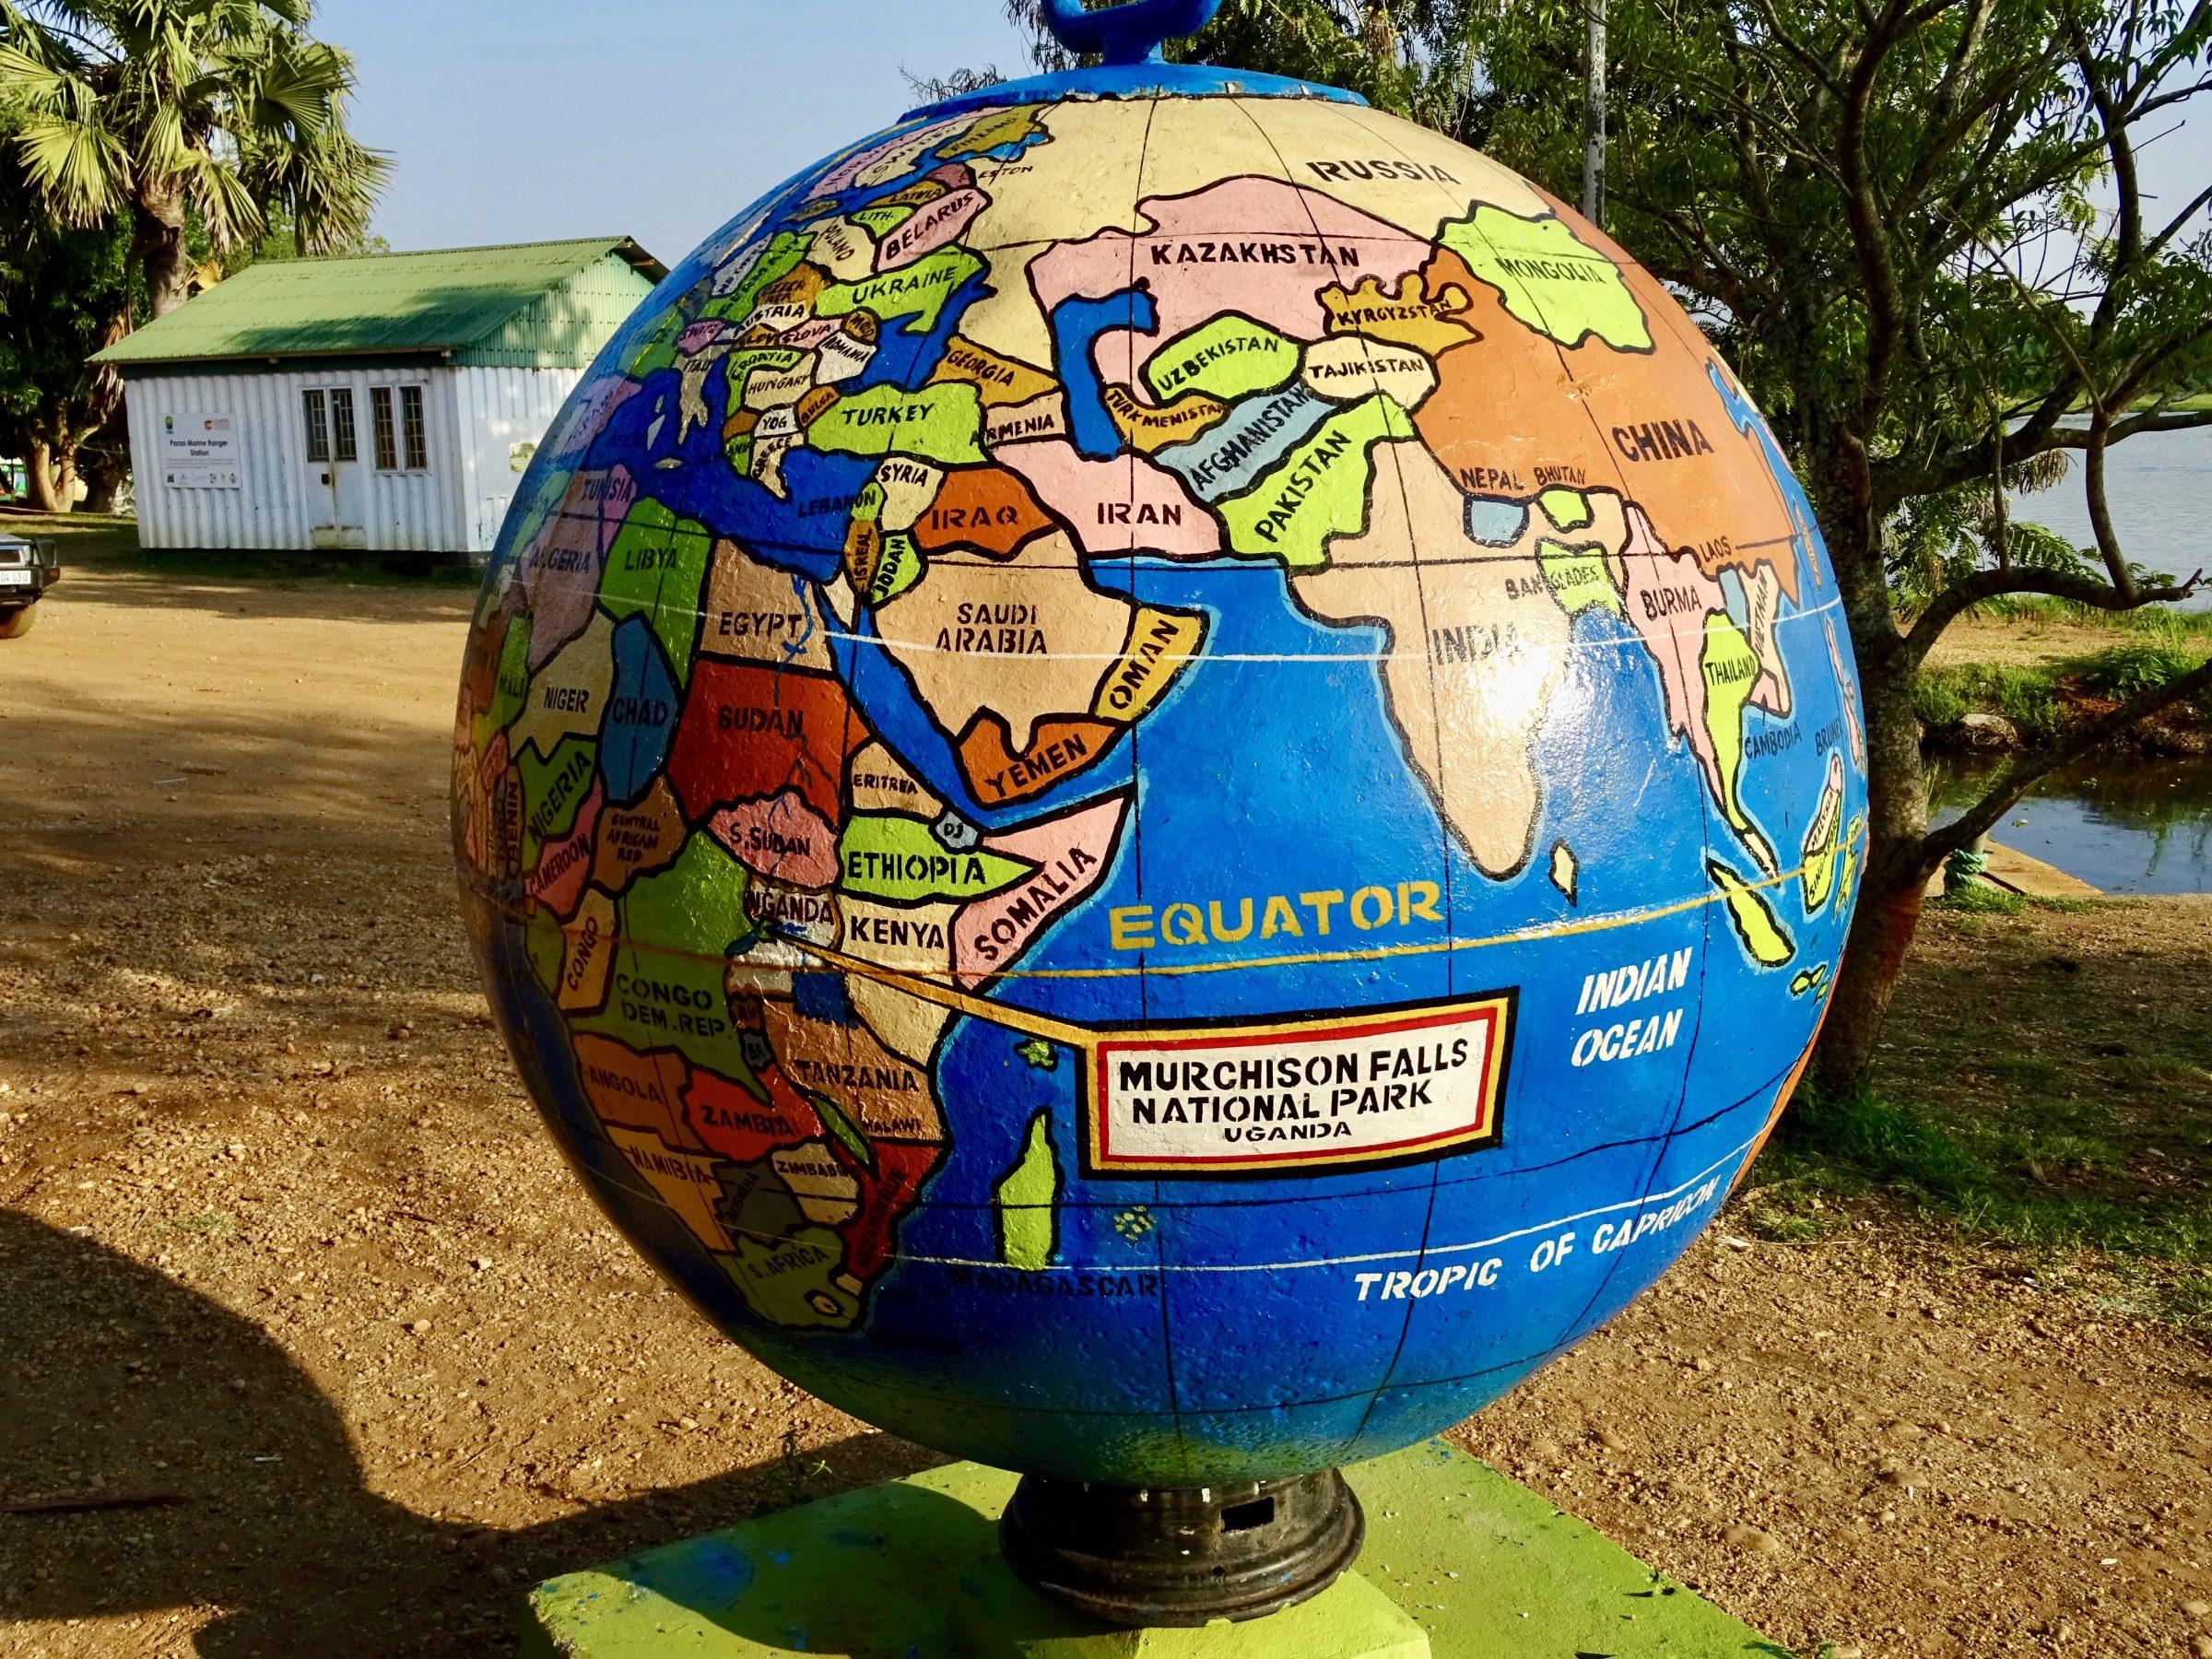 De globe op de kade in augustus 2017 (nu volledig onder water)